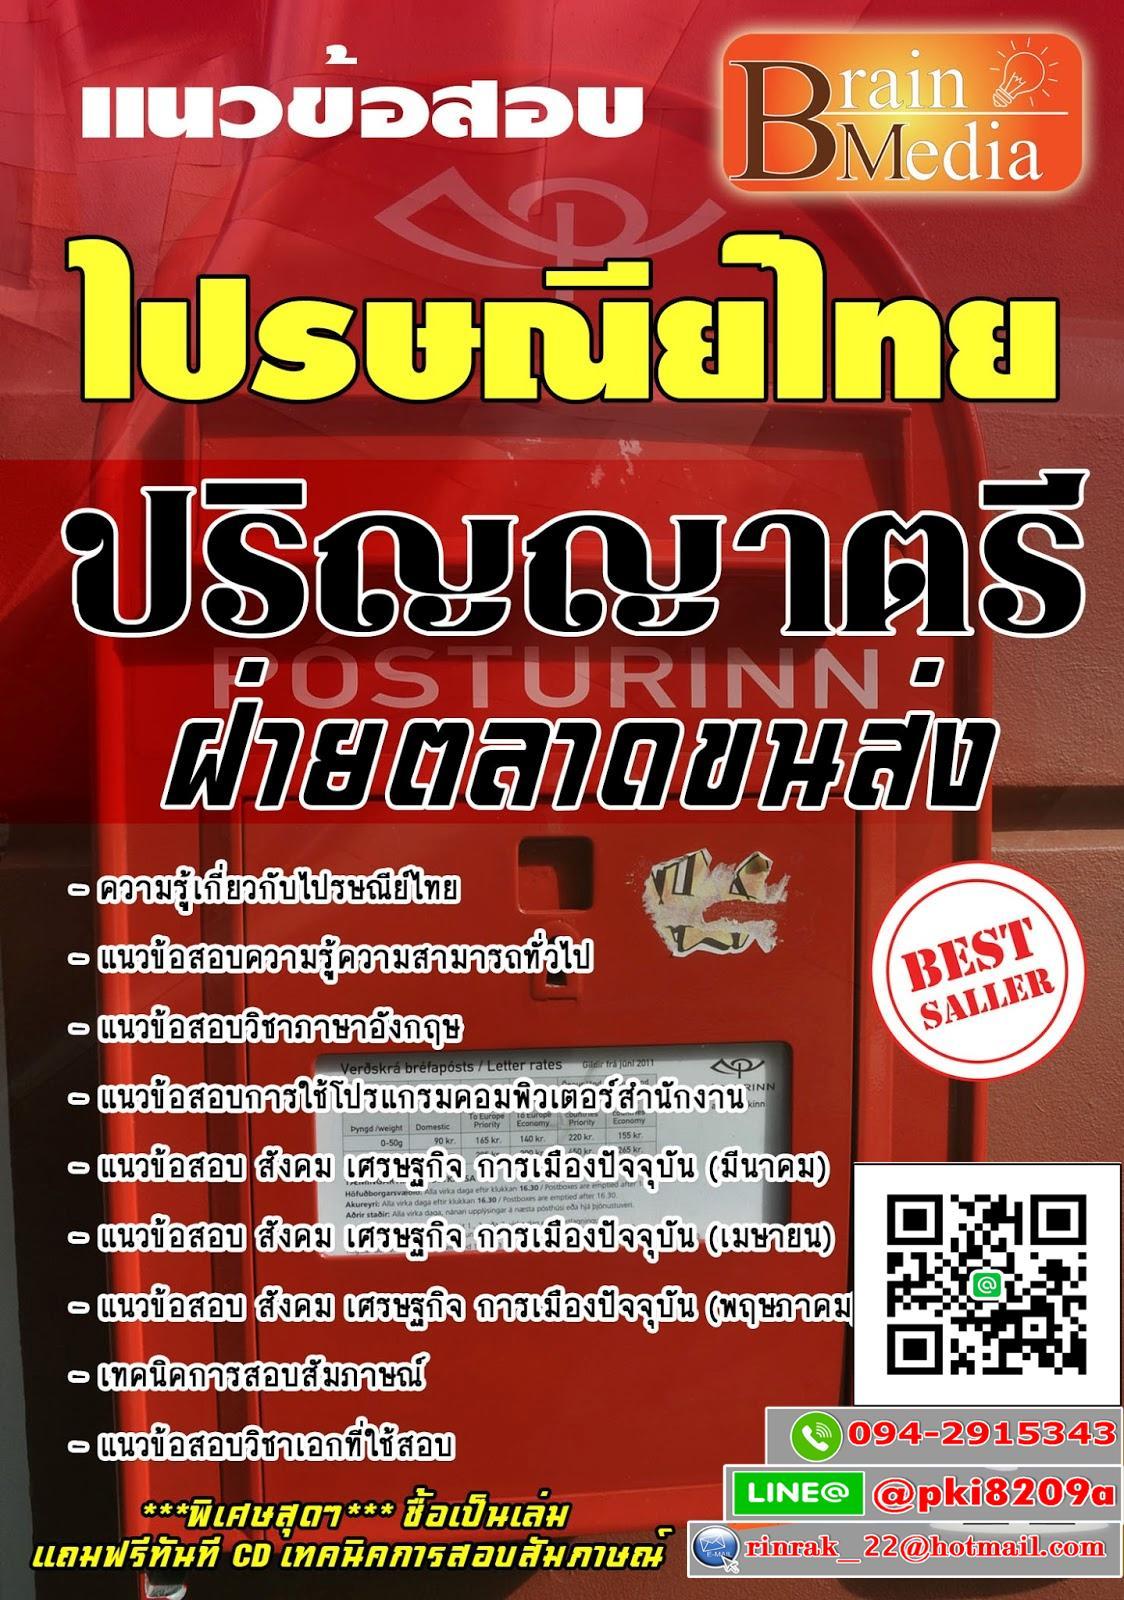 สรุปแนวข้อสอบ ปริญญาตรีฝ่ายตลาดขนส่ง ไปรษณีย์ไทย